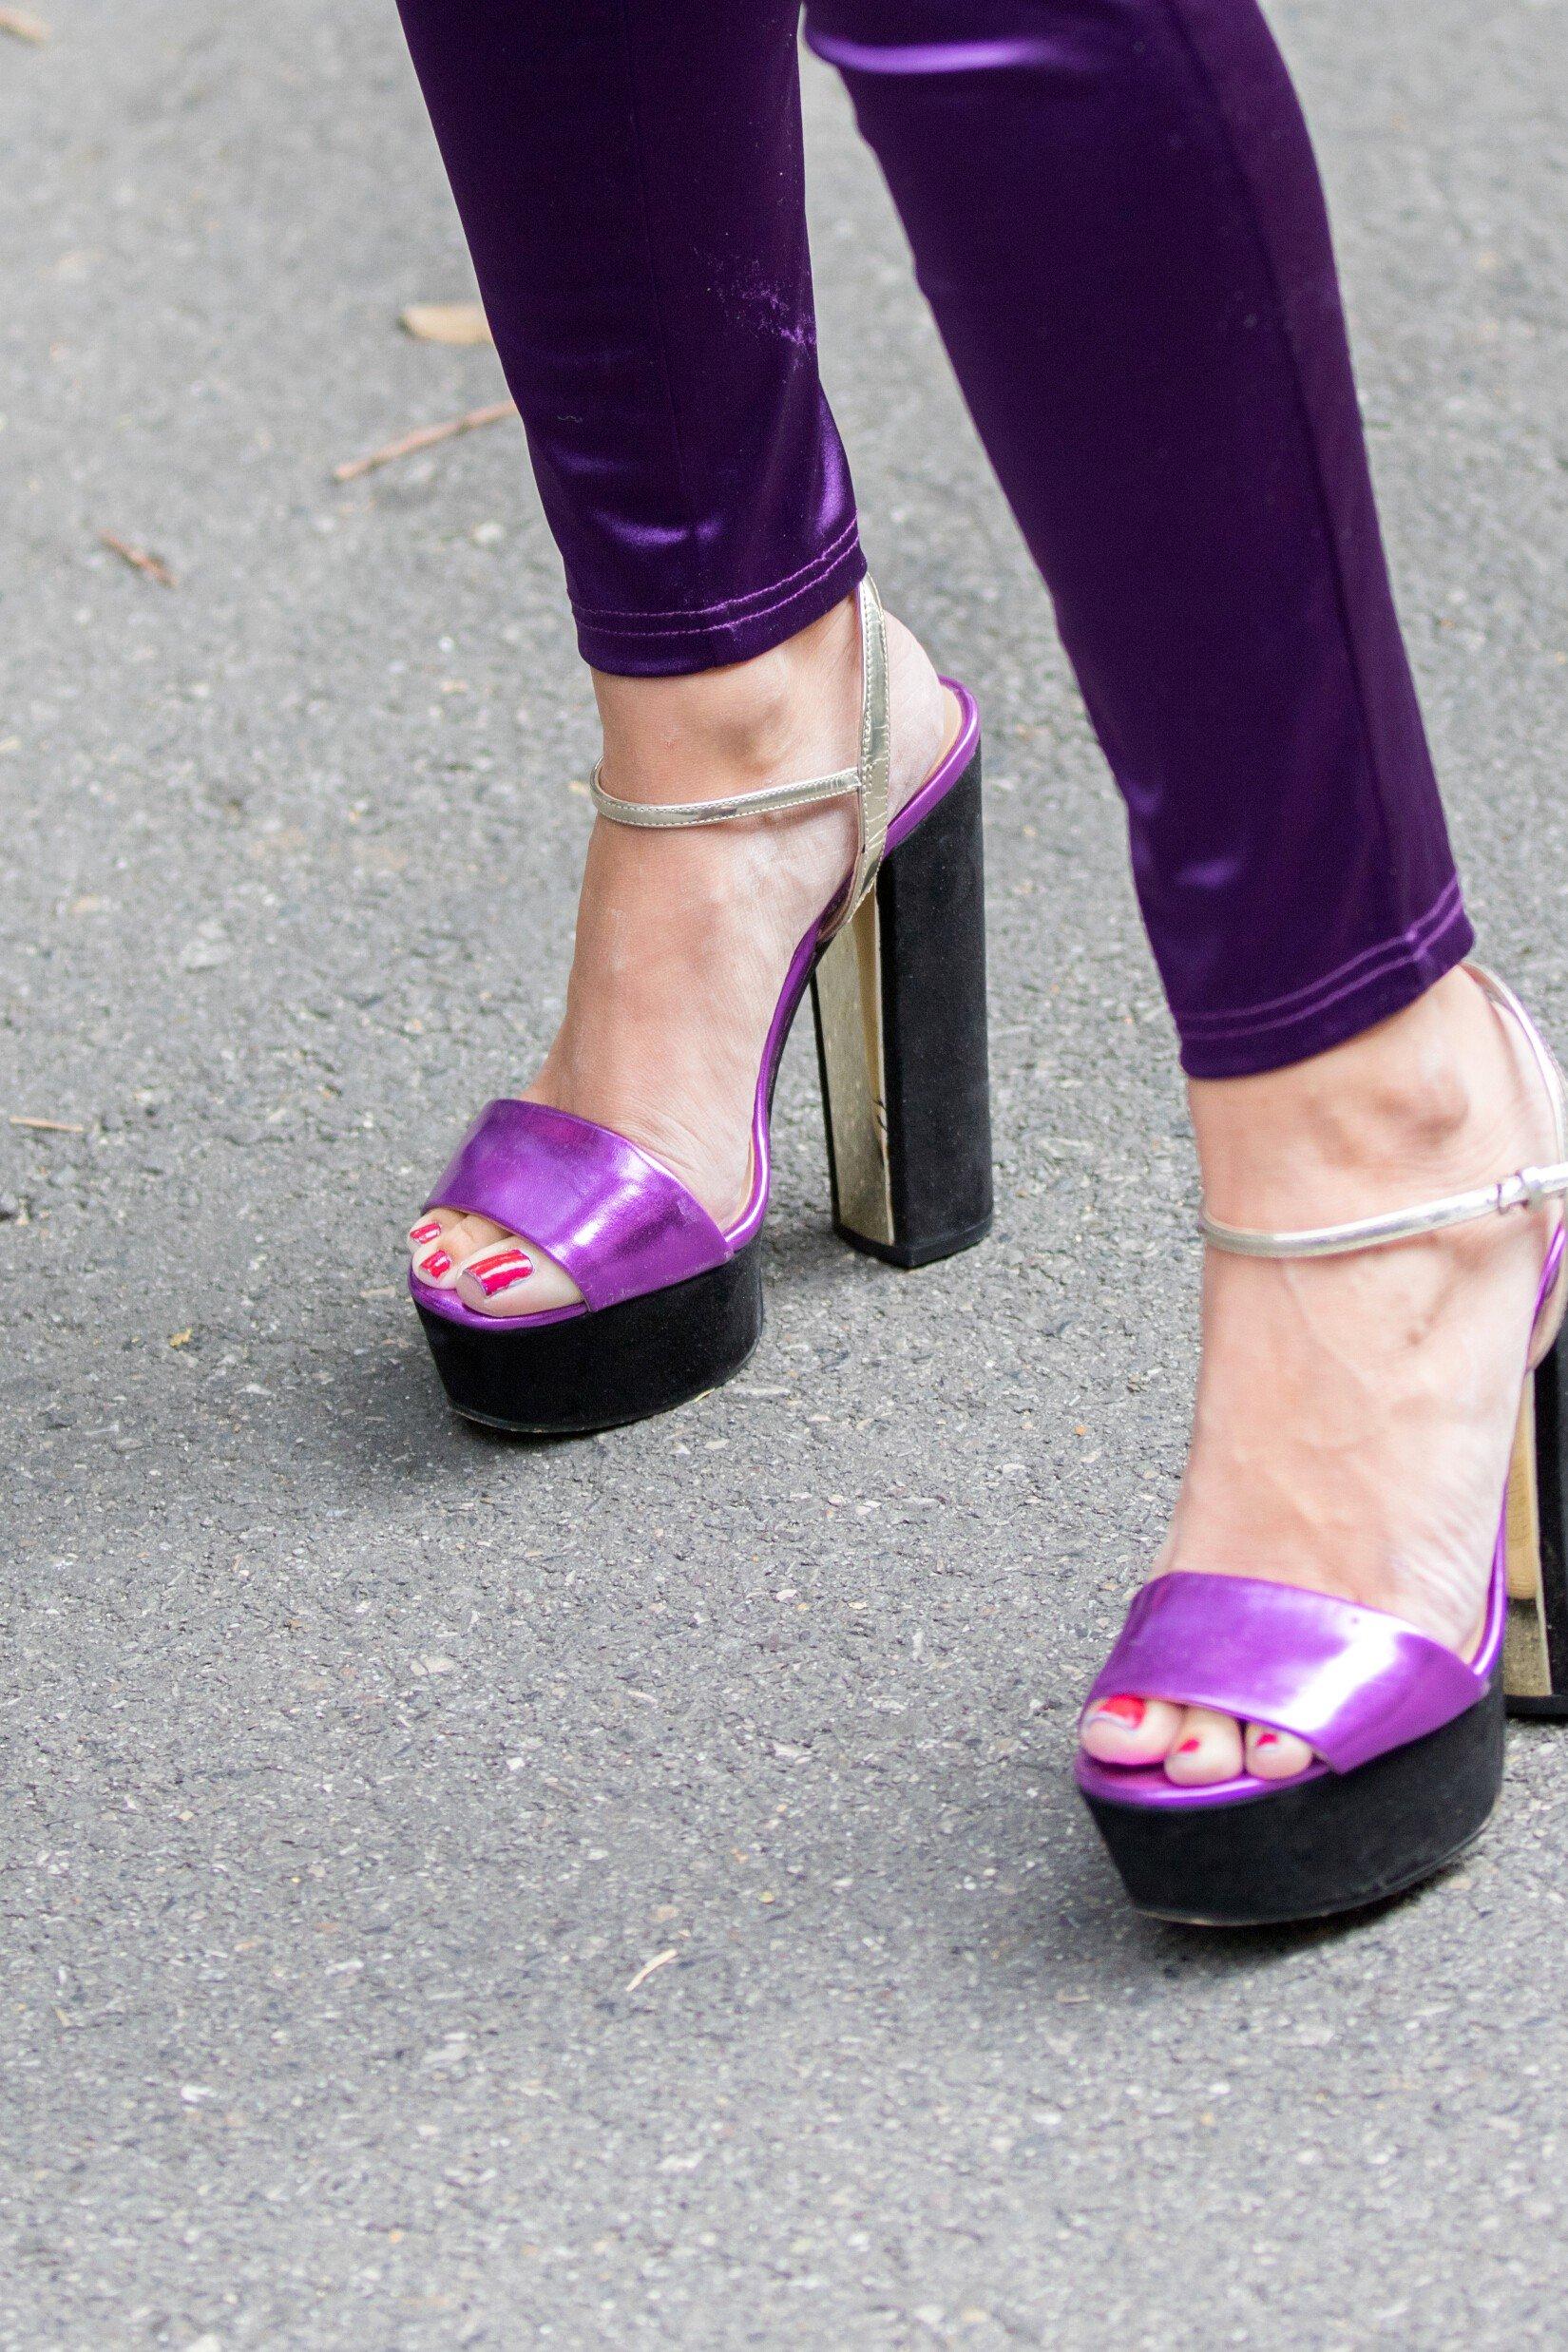 Chaussures à plateformes creuses: 6 modèles dans la tendance